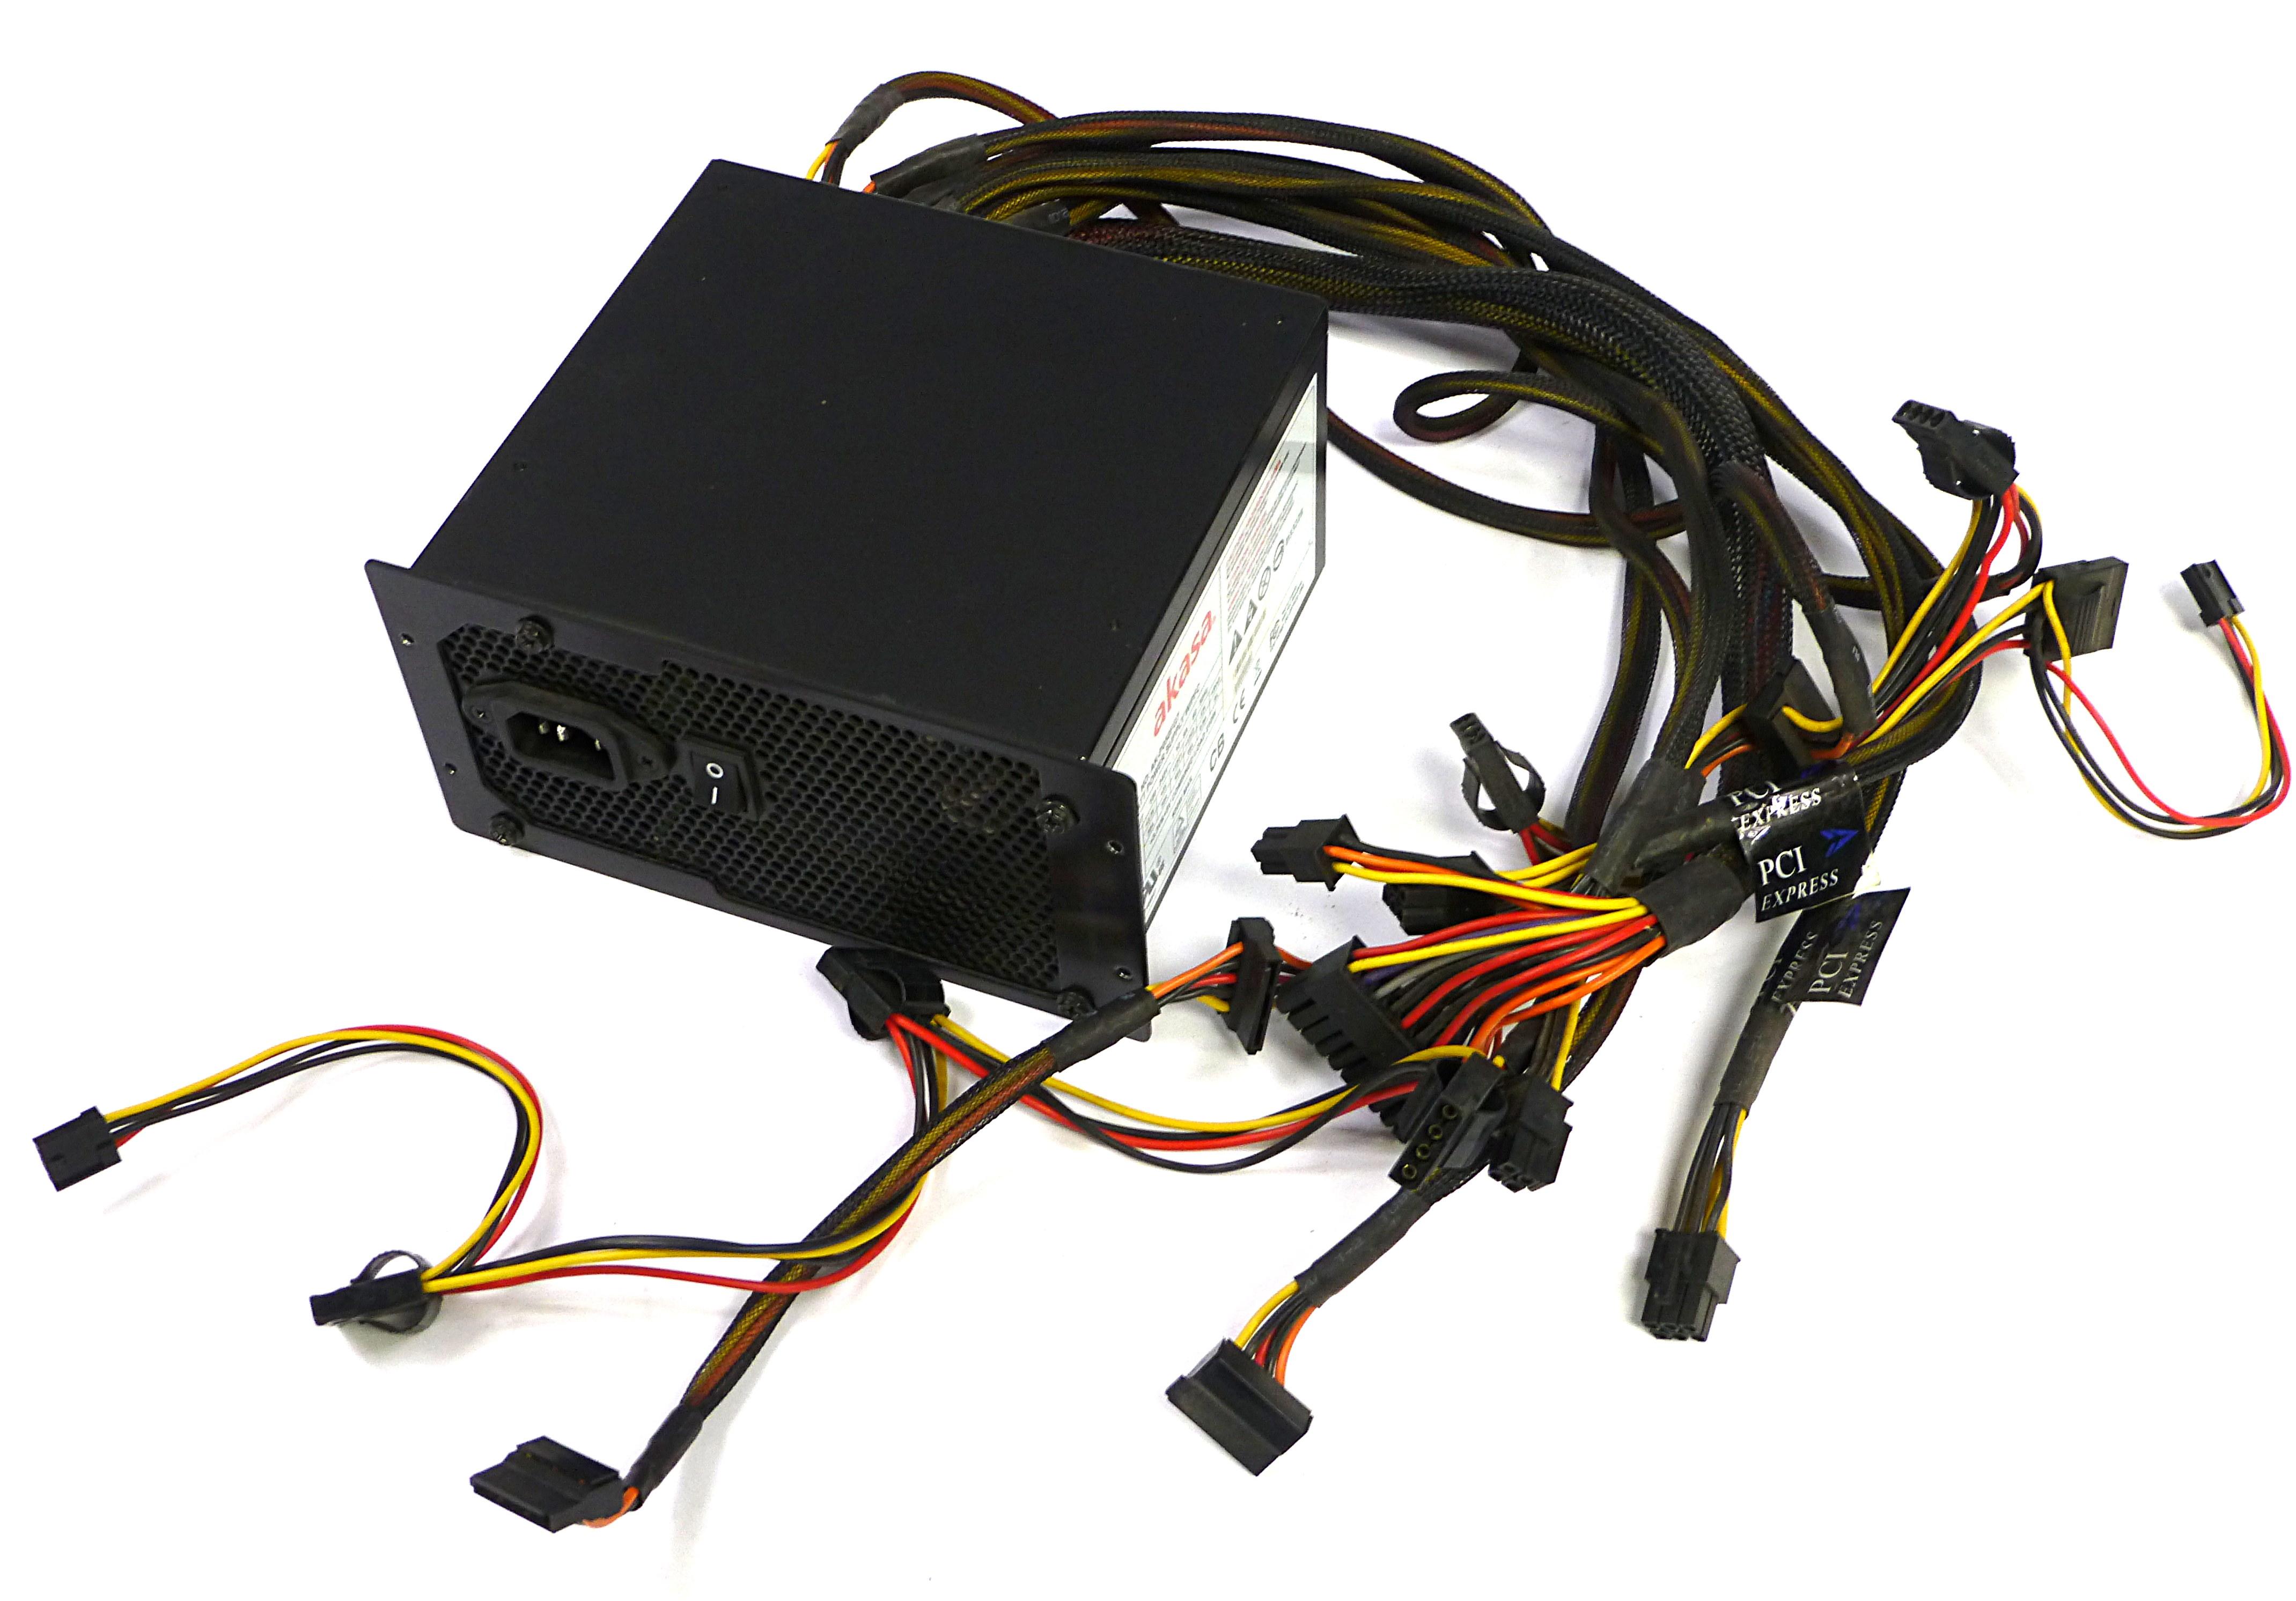 Akasa AK-P050FG8 500W 20/24-Pin Power Supply